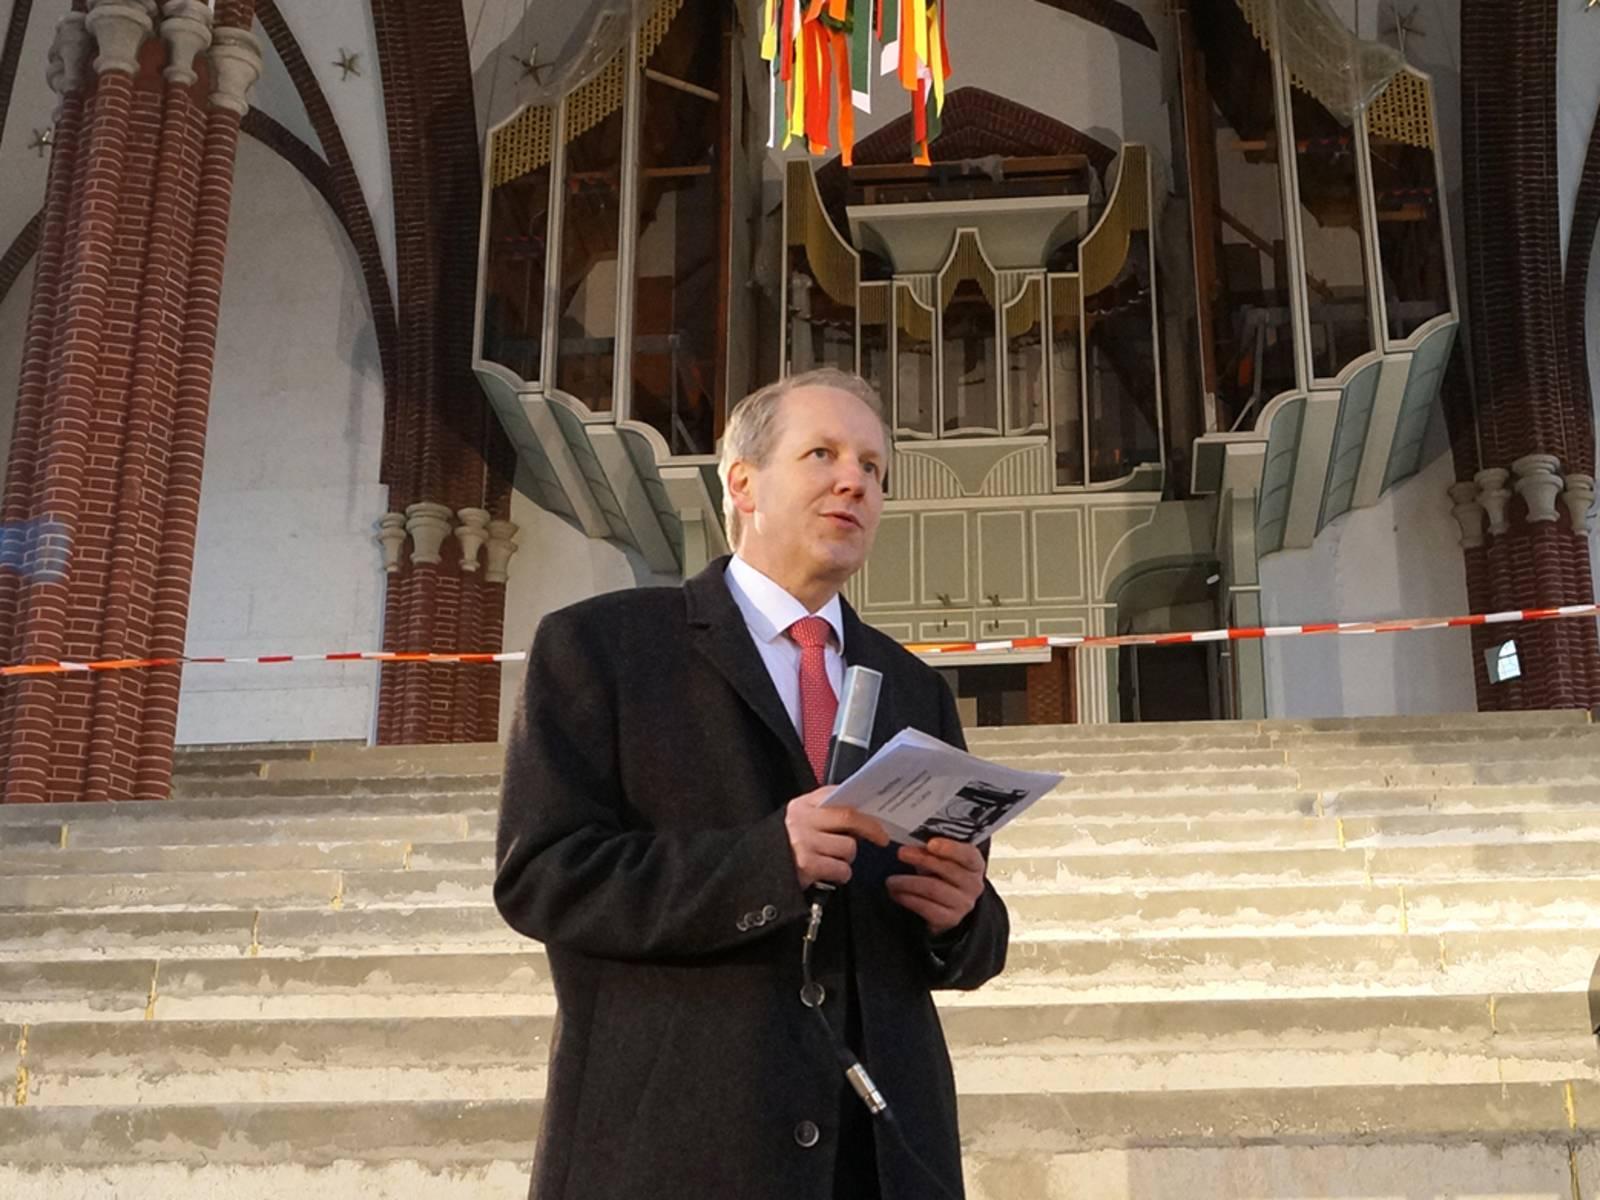 Ein Mann mit einem Mikrofon in einer Kirche.